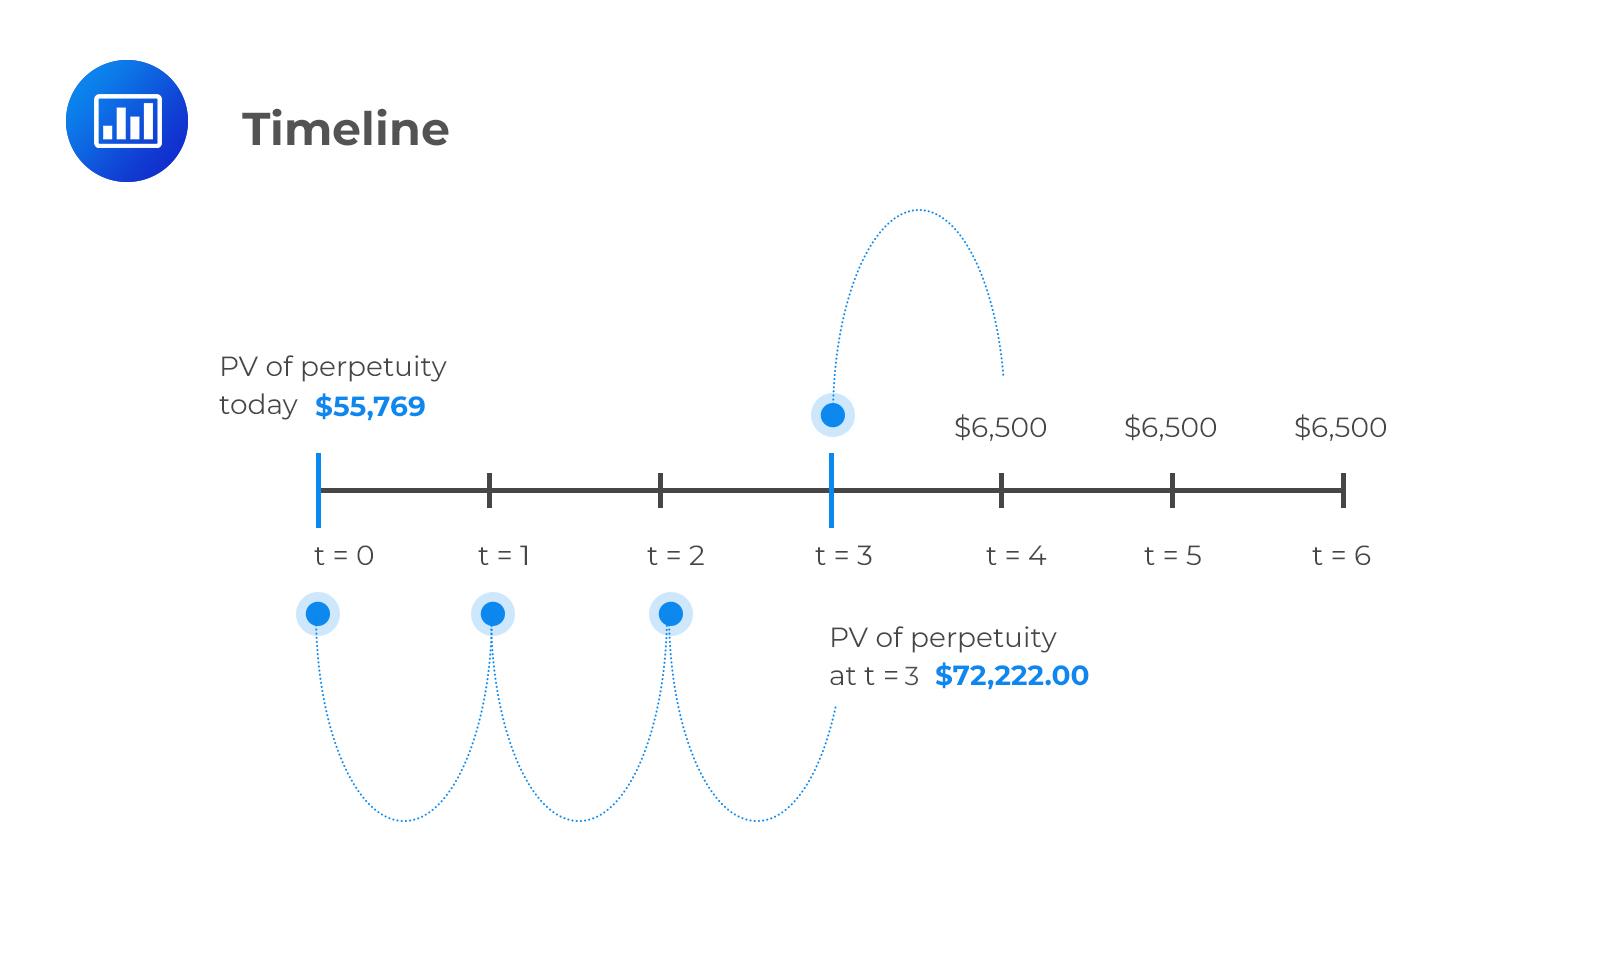 timeline-cash-flows